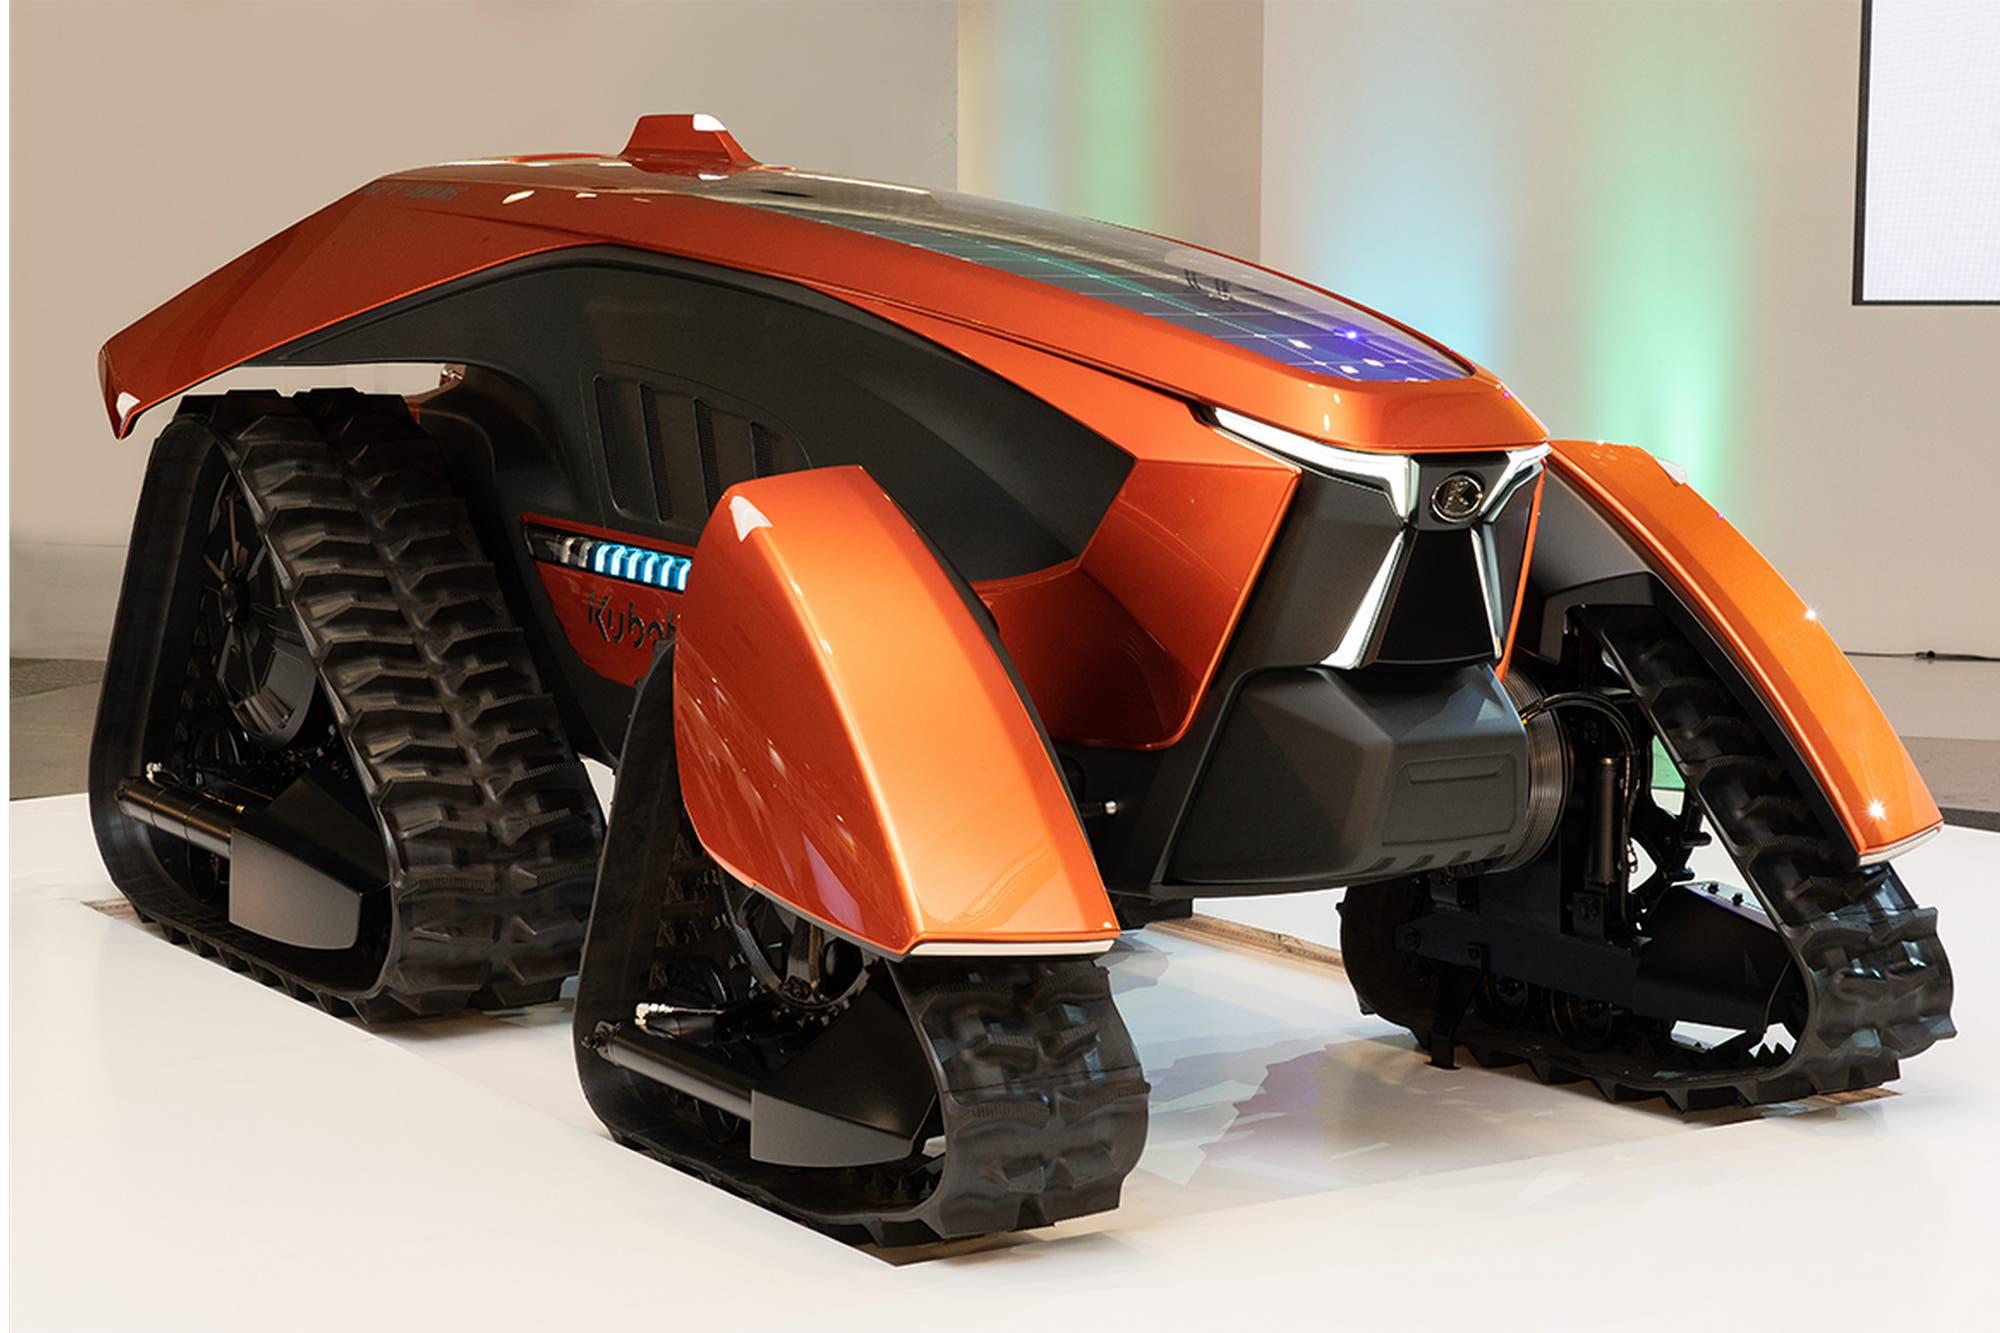 Este es X-tractor, el tractor futurista autónomo y eléctrico de Kubota